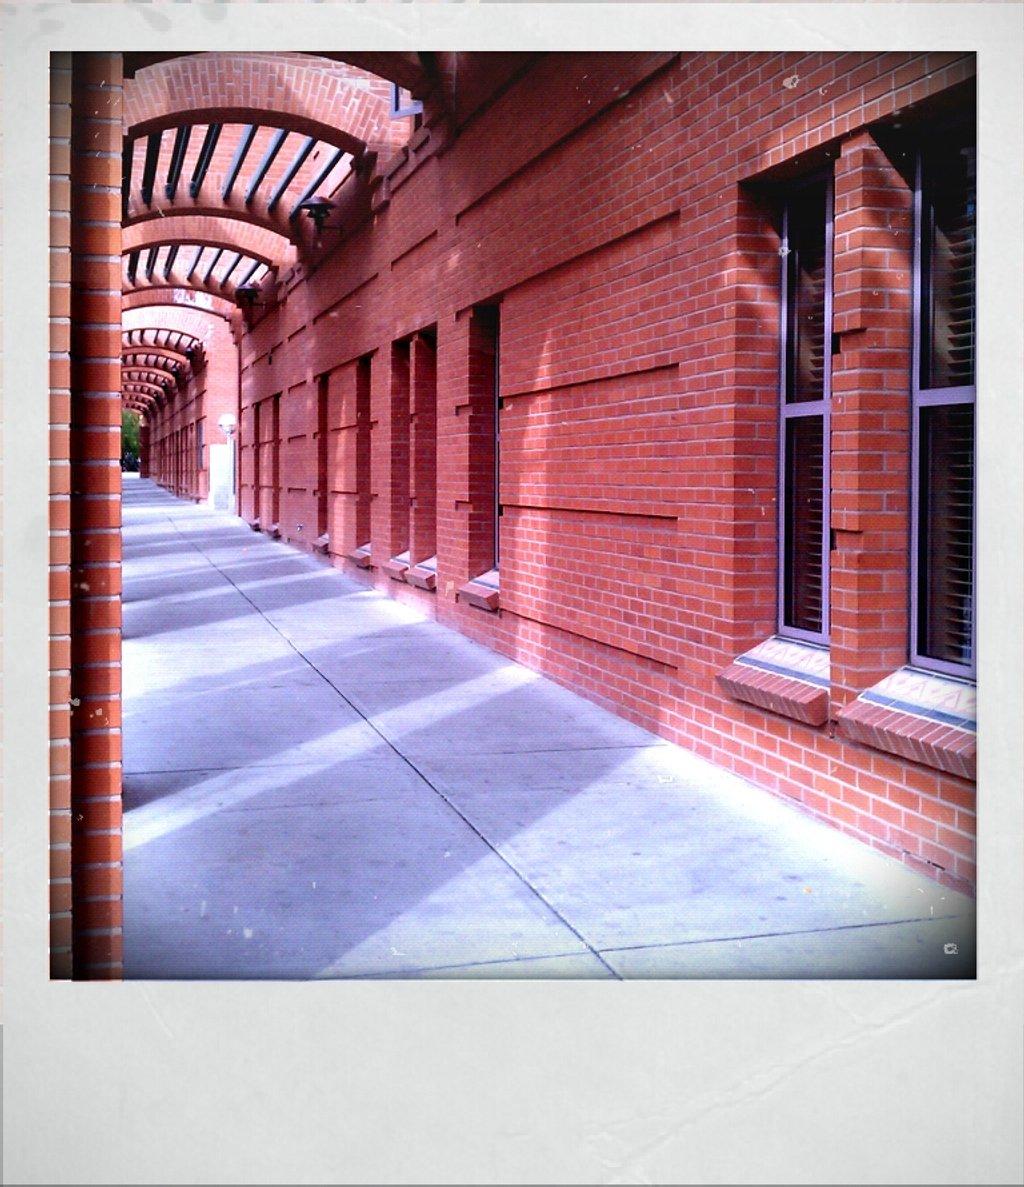 UA Hallway by kerristephens